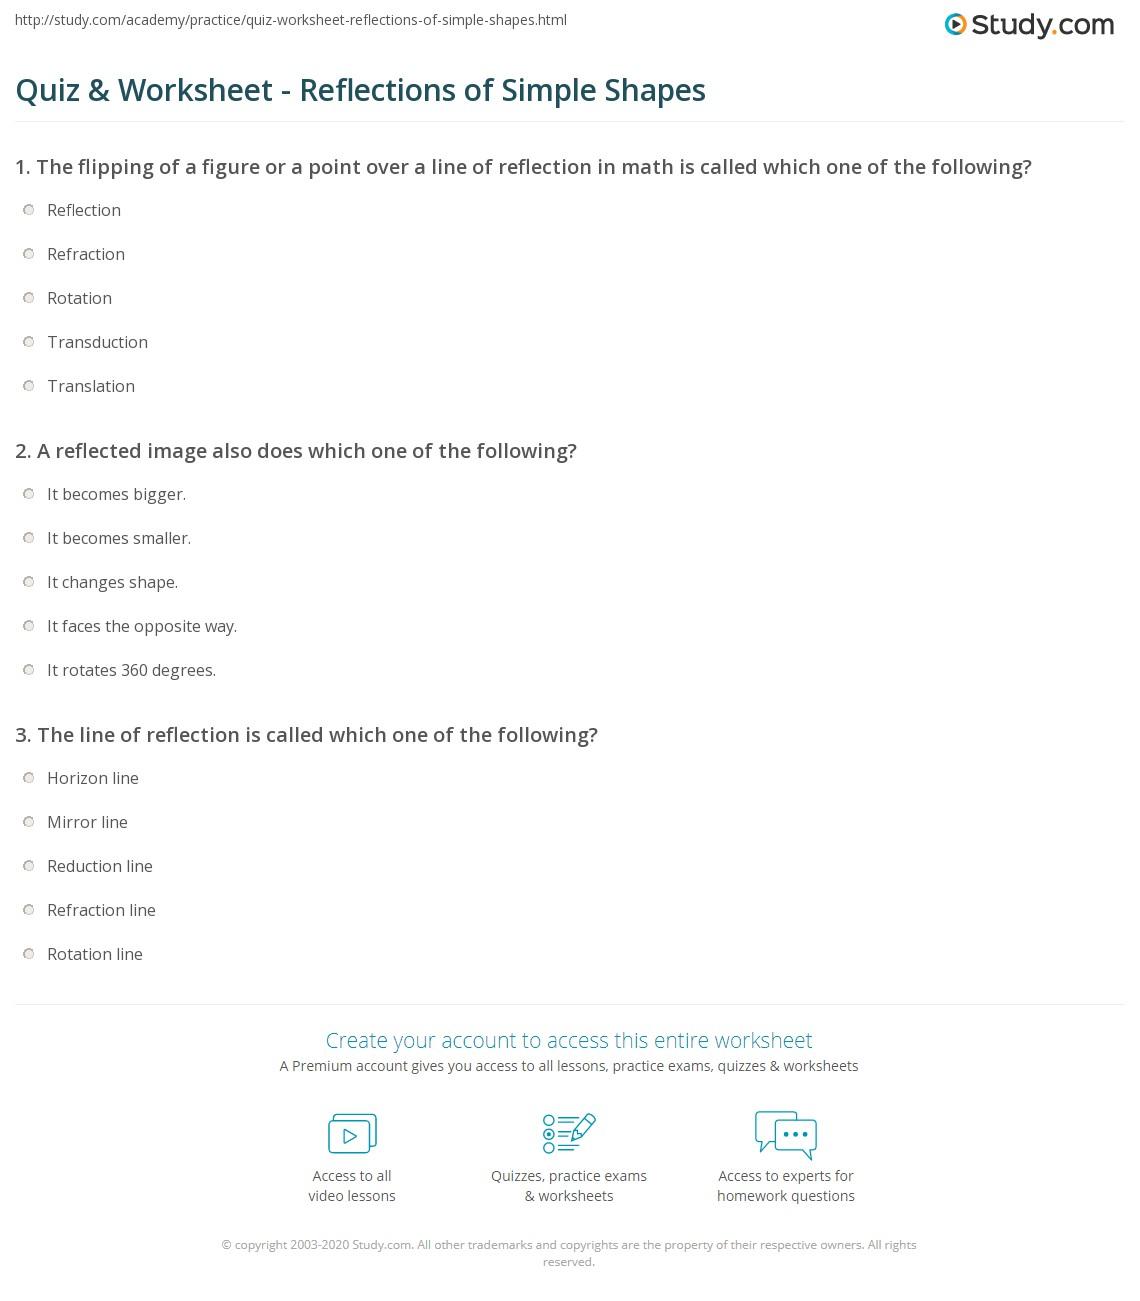 A Reflection Over Line Worksheet